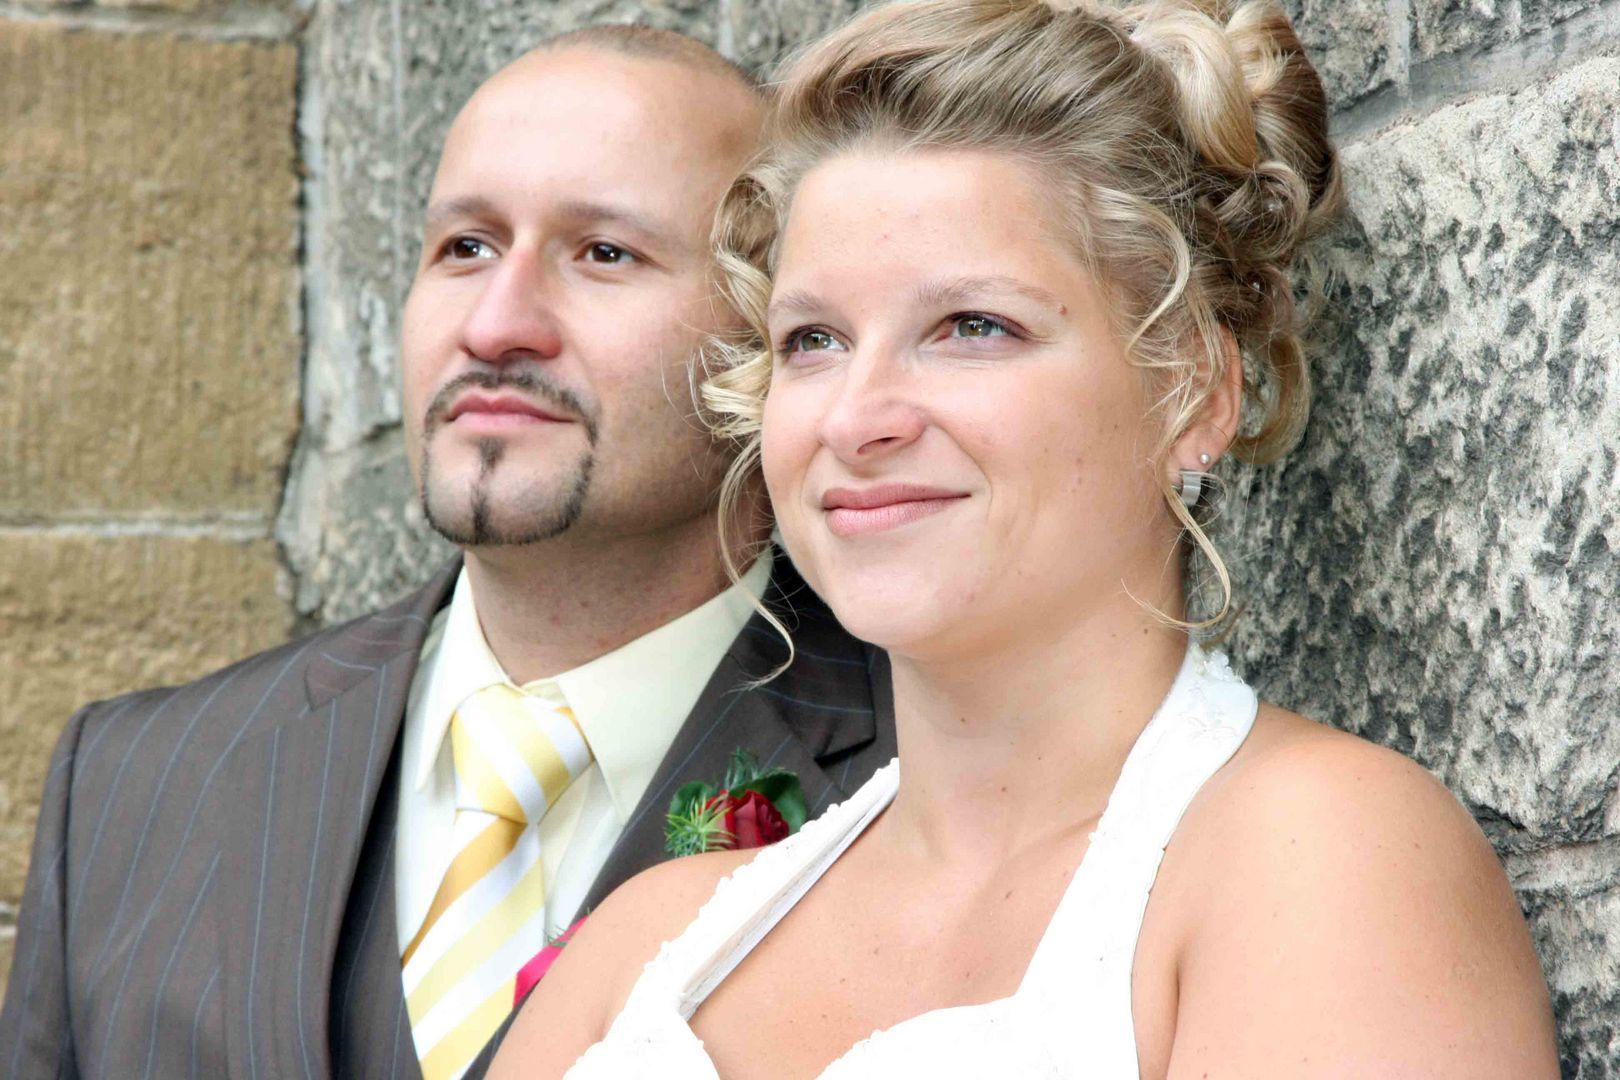 Hochzeit zu dritt :)